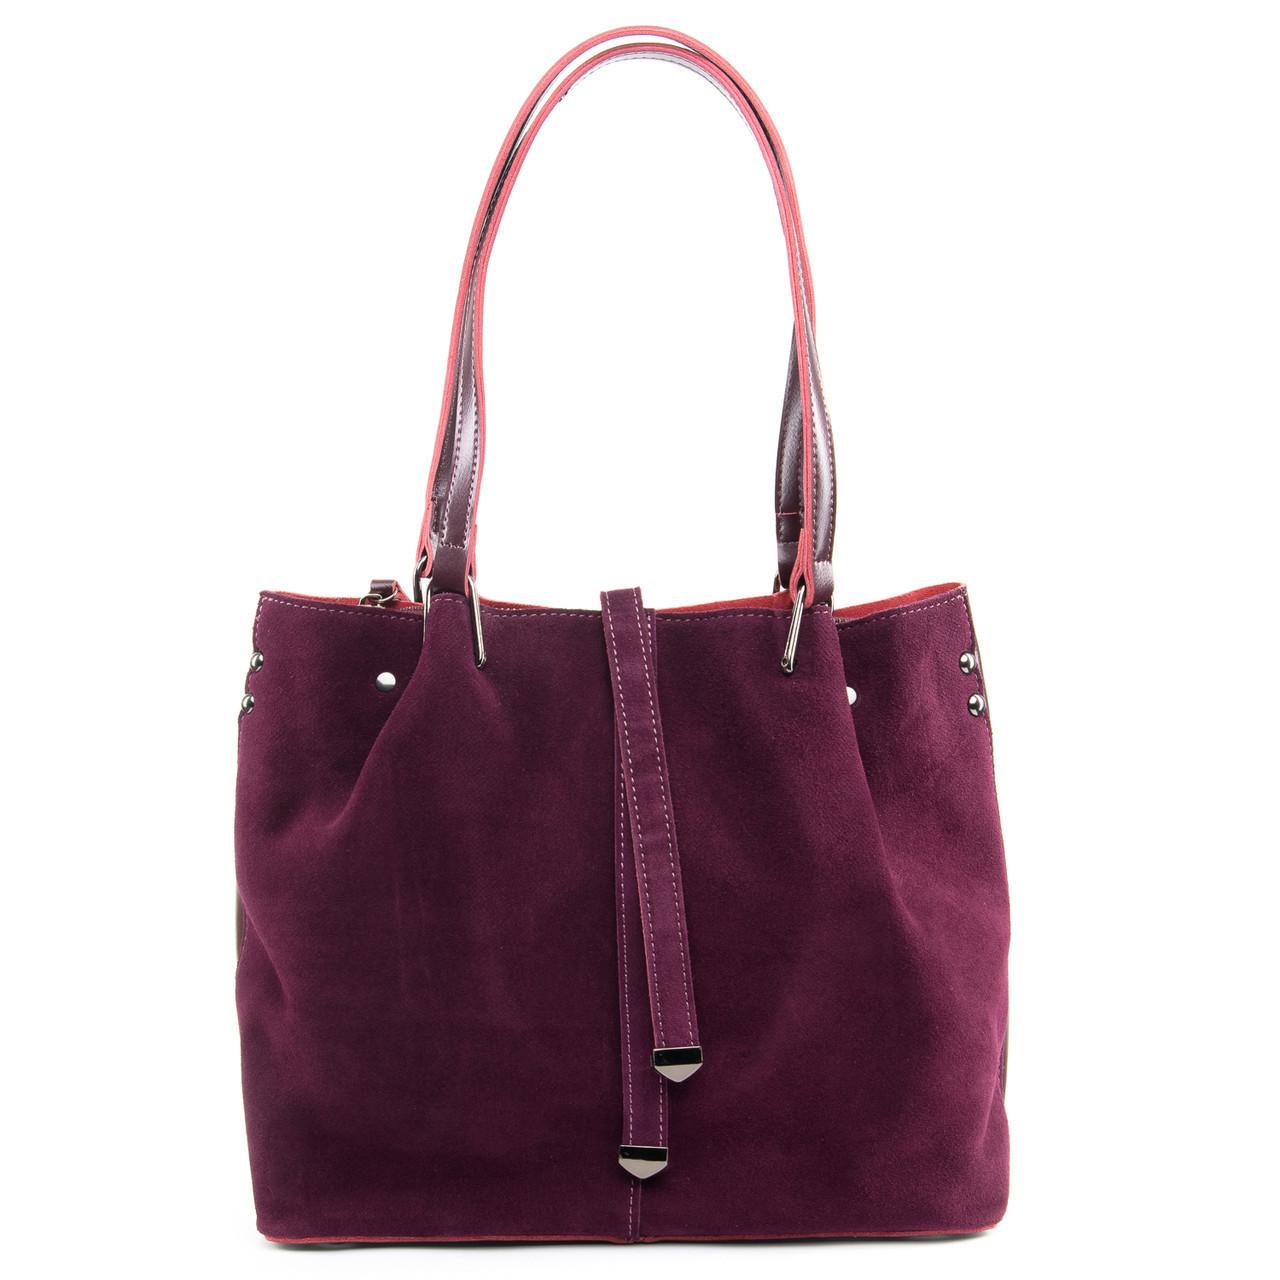 Стильная женская сумка винного цвета из натуральной замши